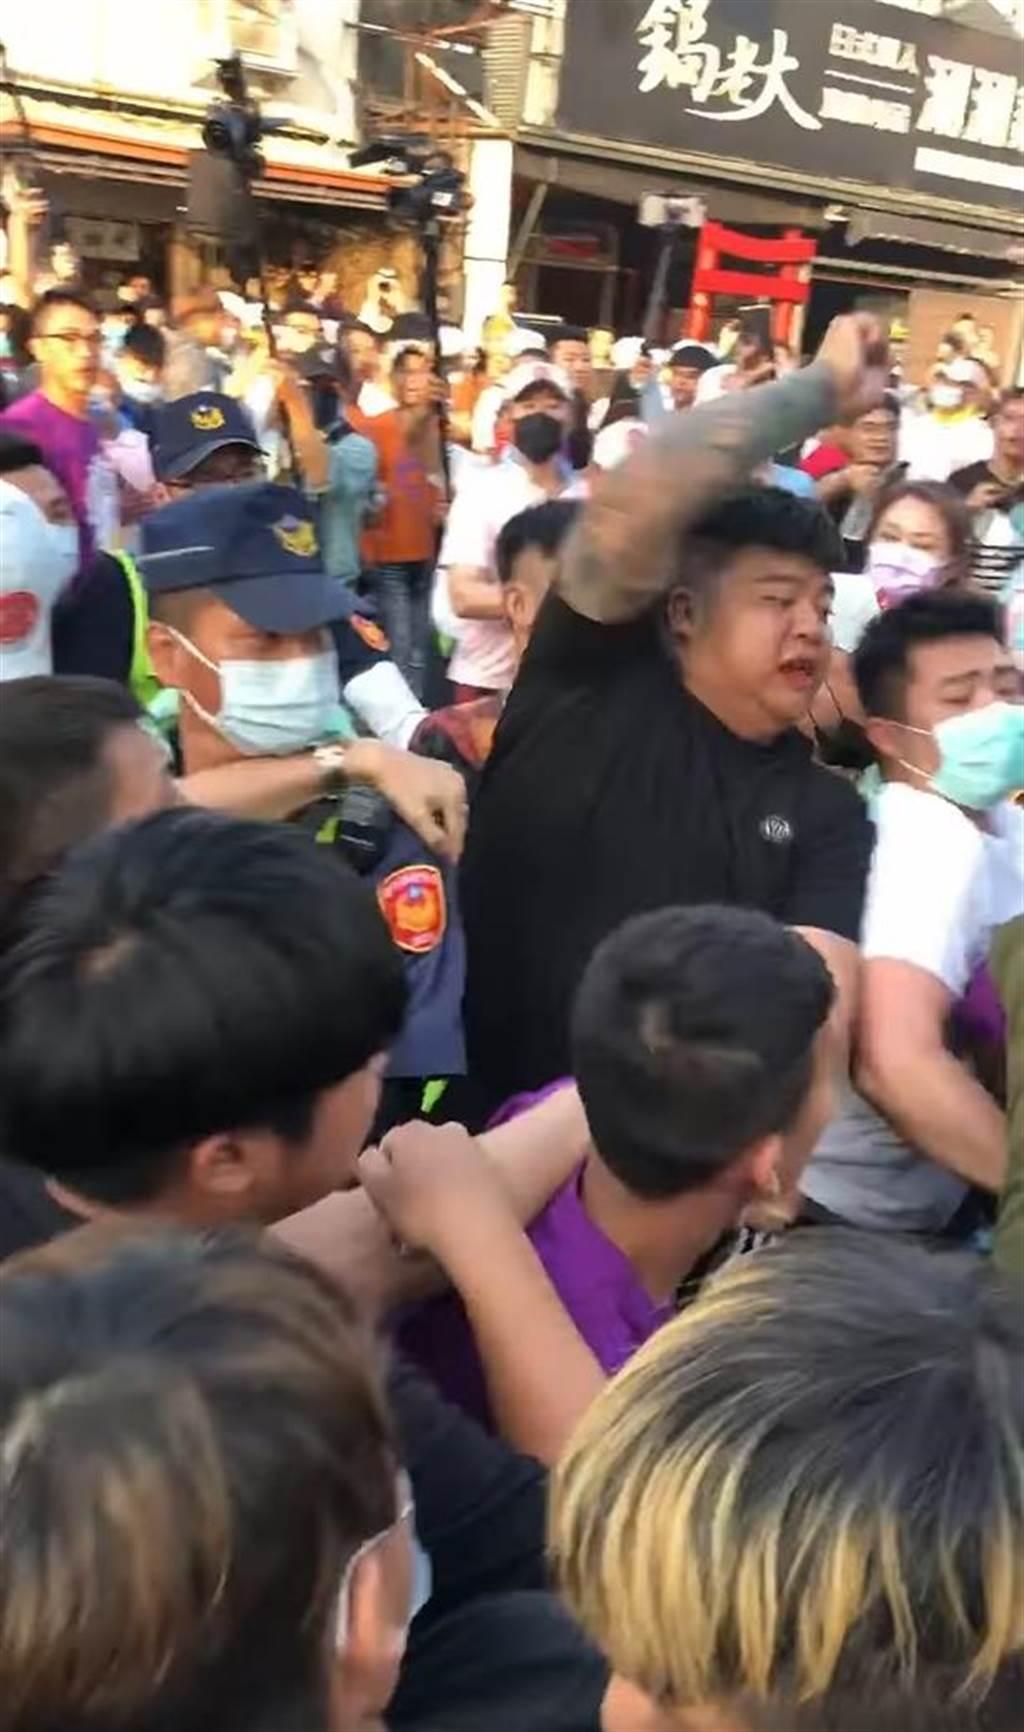 大甲媽遶境活動,15日傍晚5時在北斗市區爆發激烈推擠與肢體衝突。(摘自臉書/謝瓊雲彰化傳真)